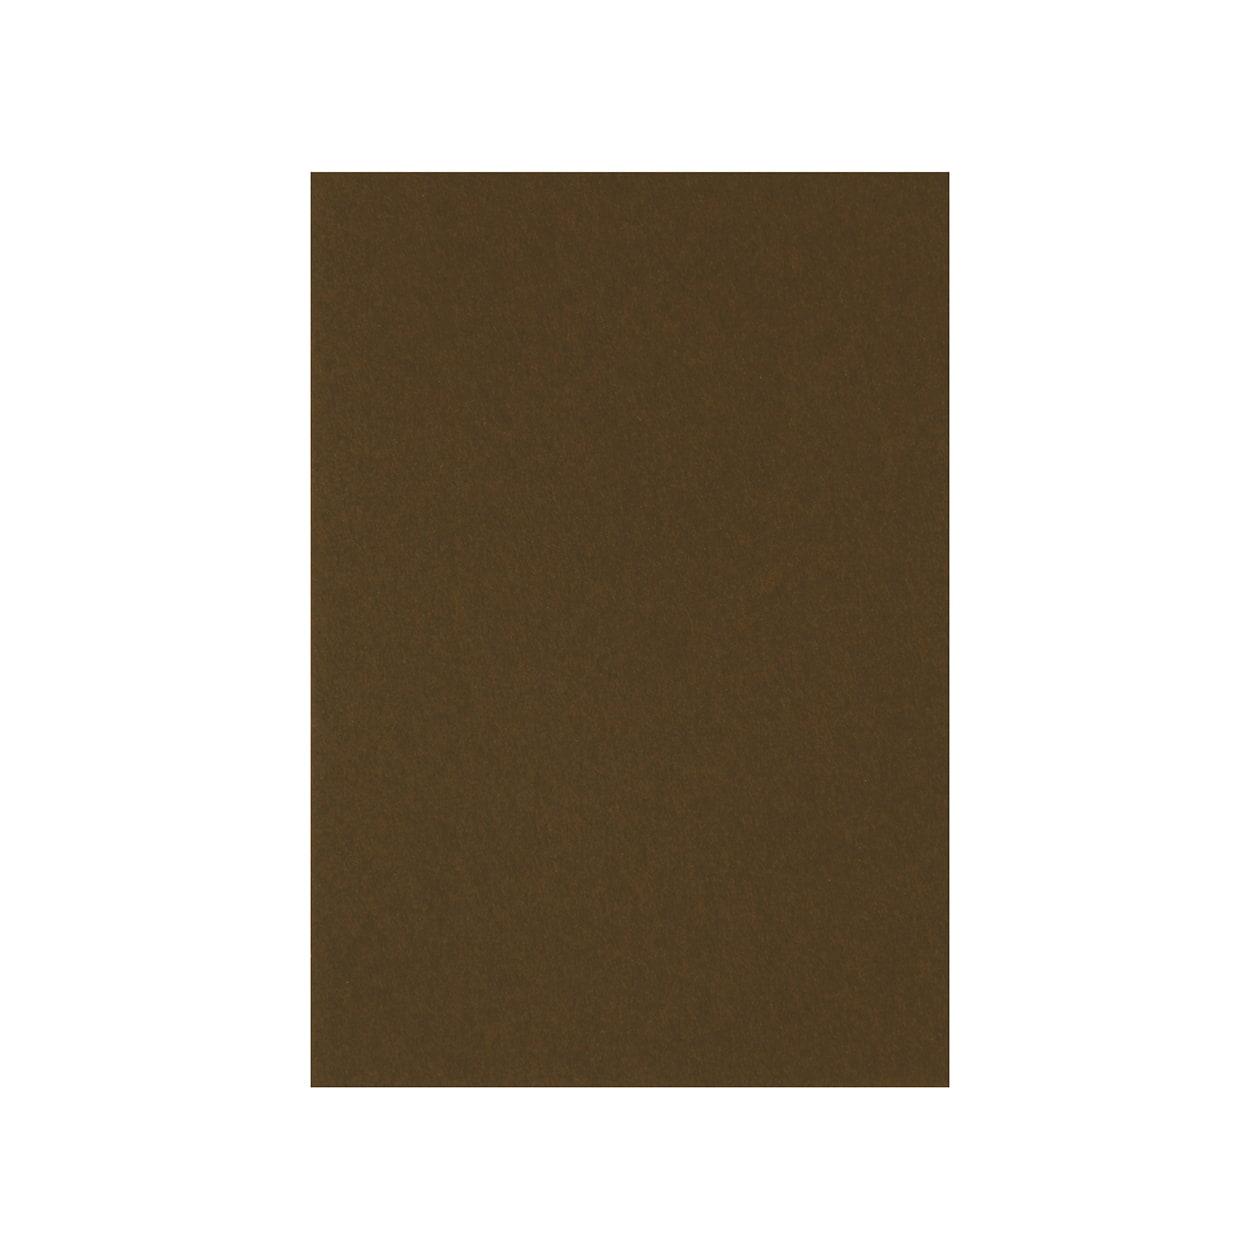 Pカード コットン チョコレート 291g